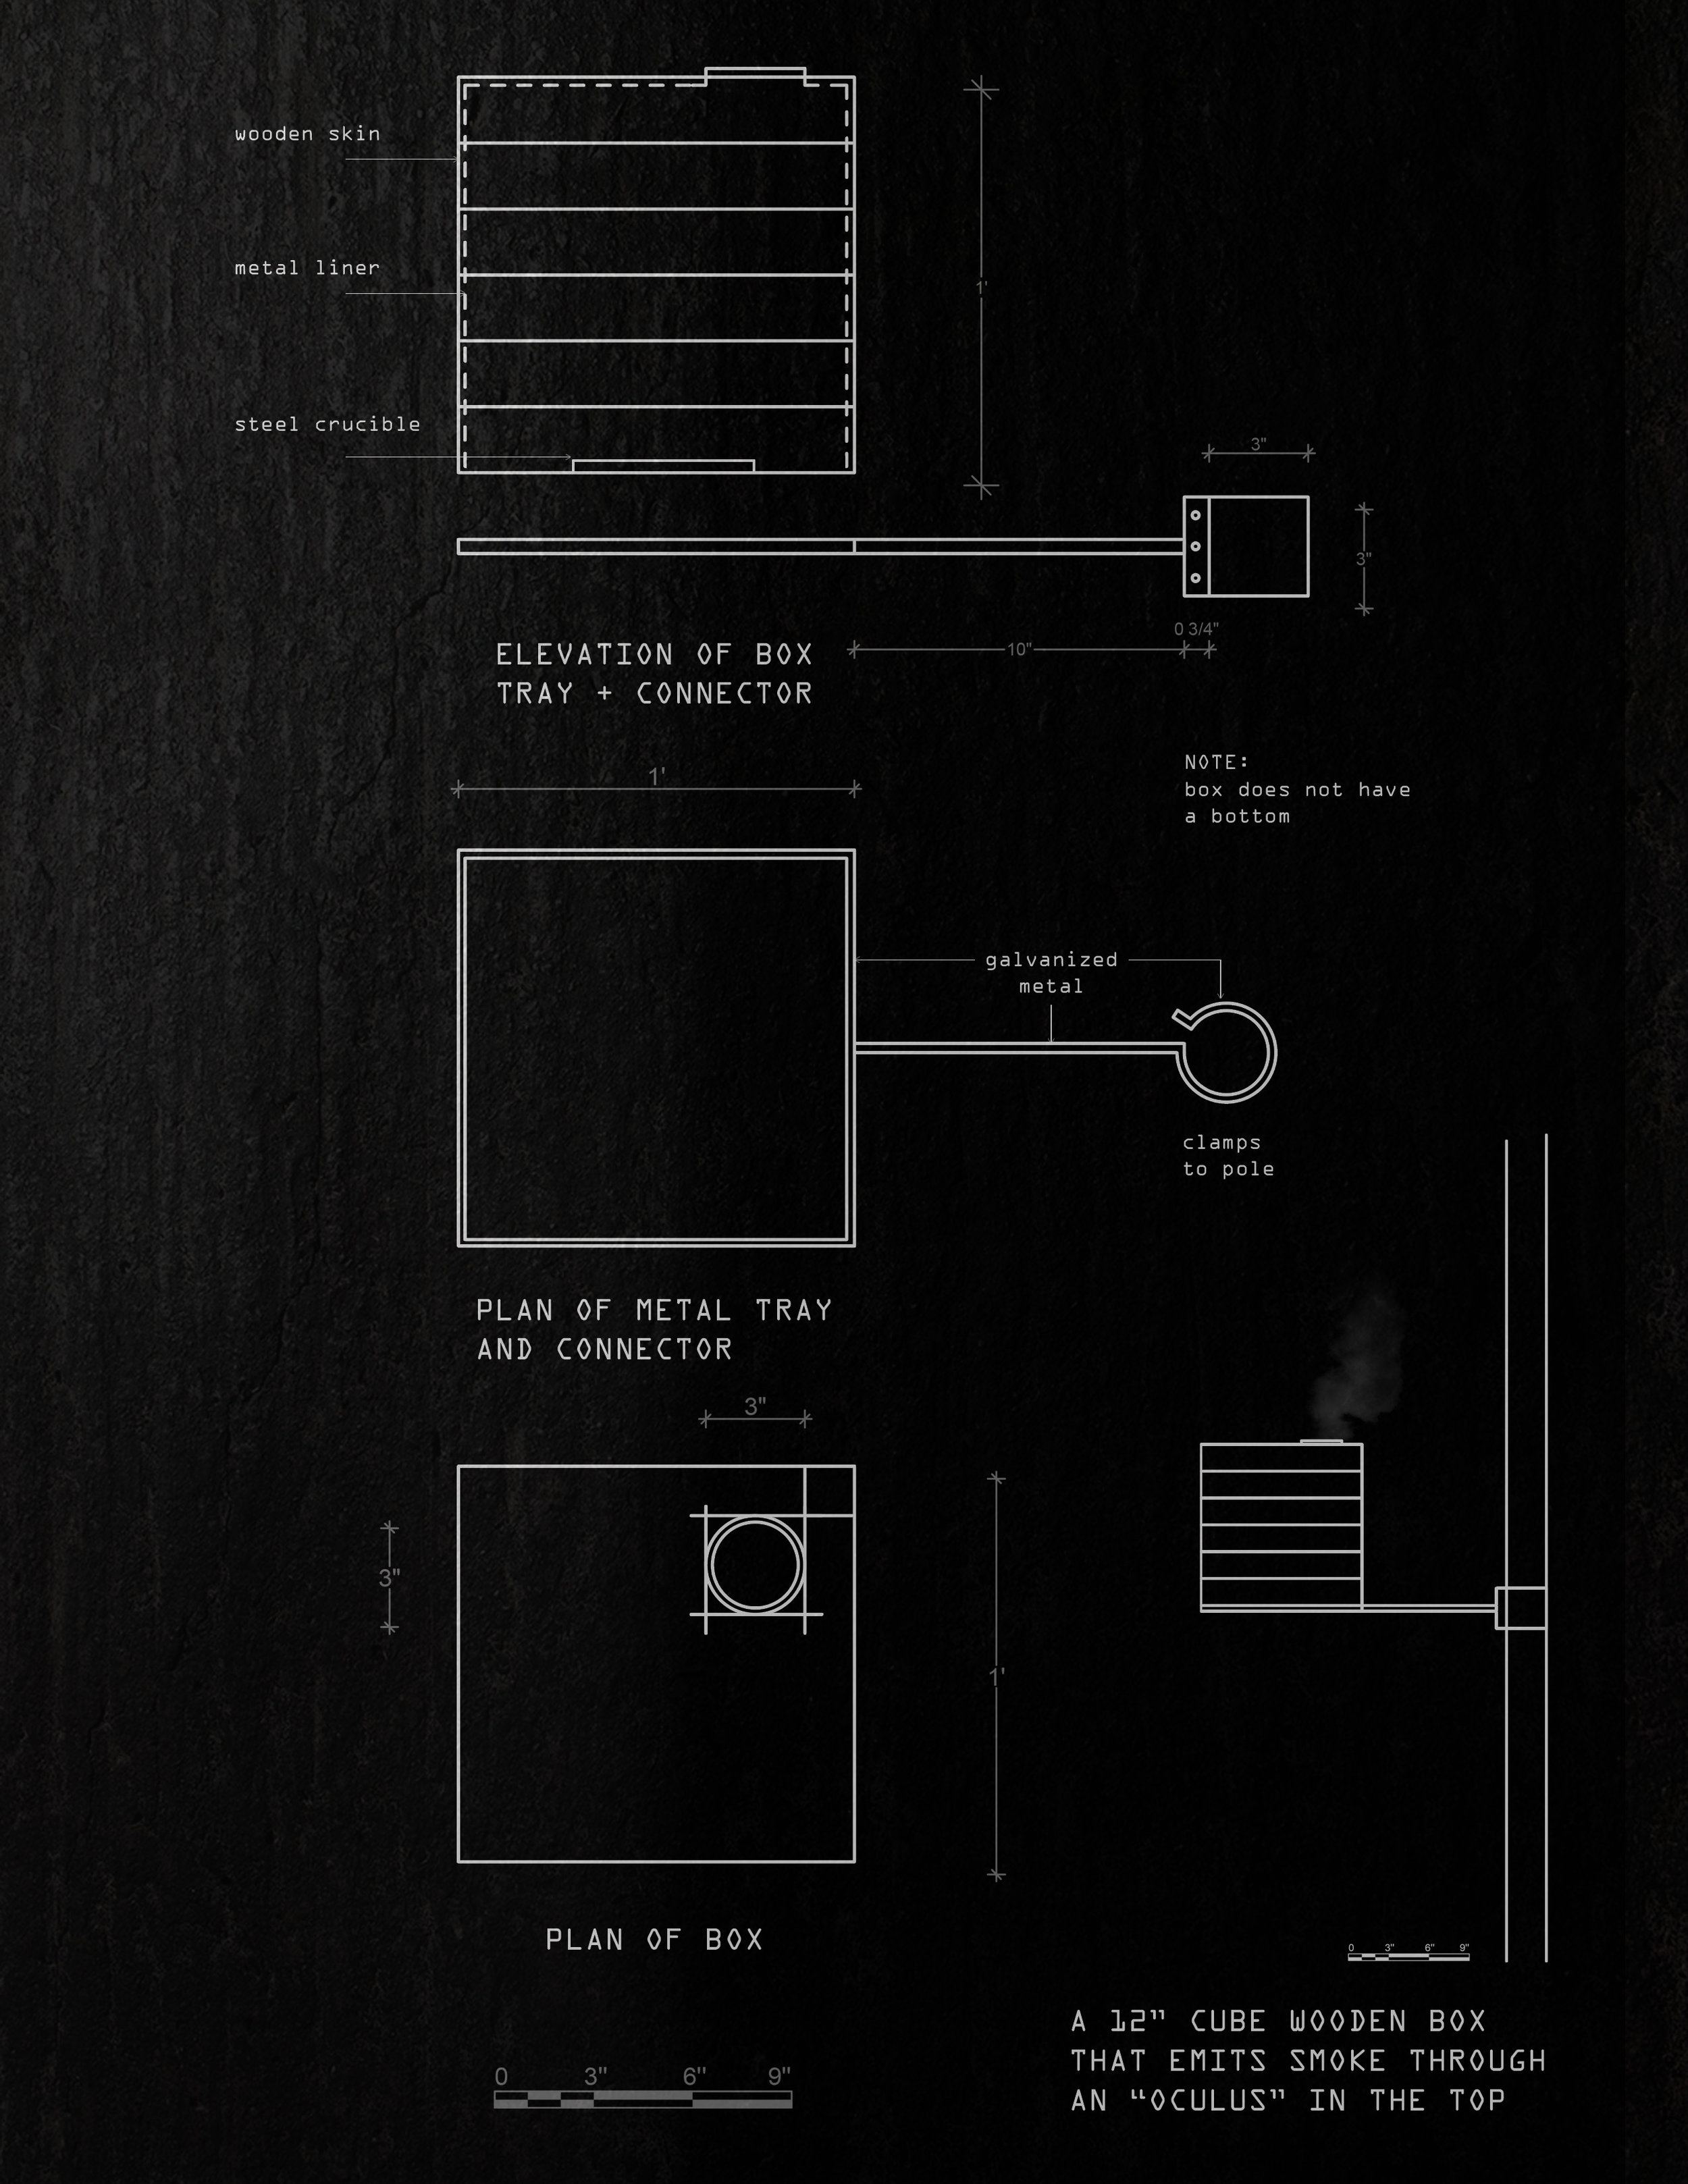 Firebox Plan2.jpg